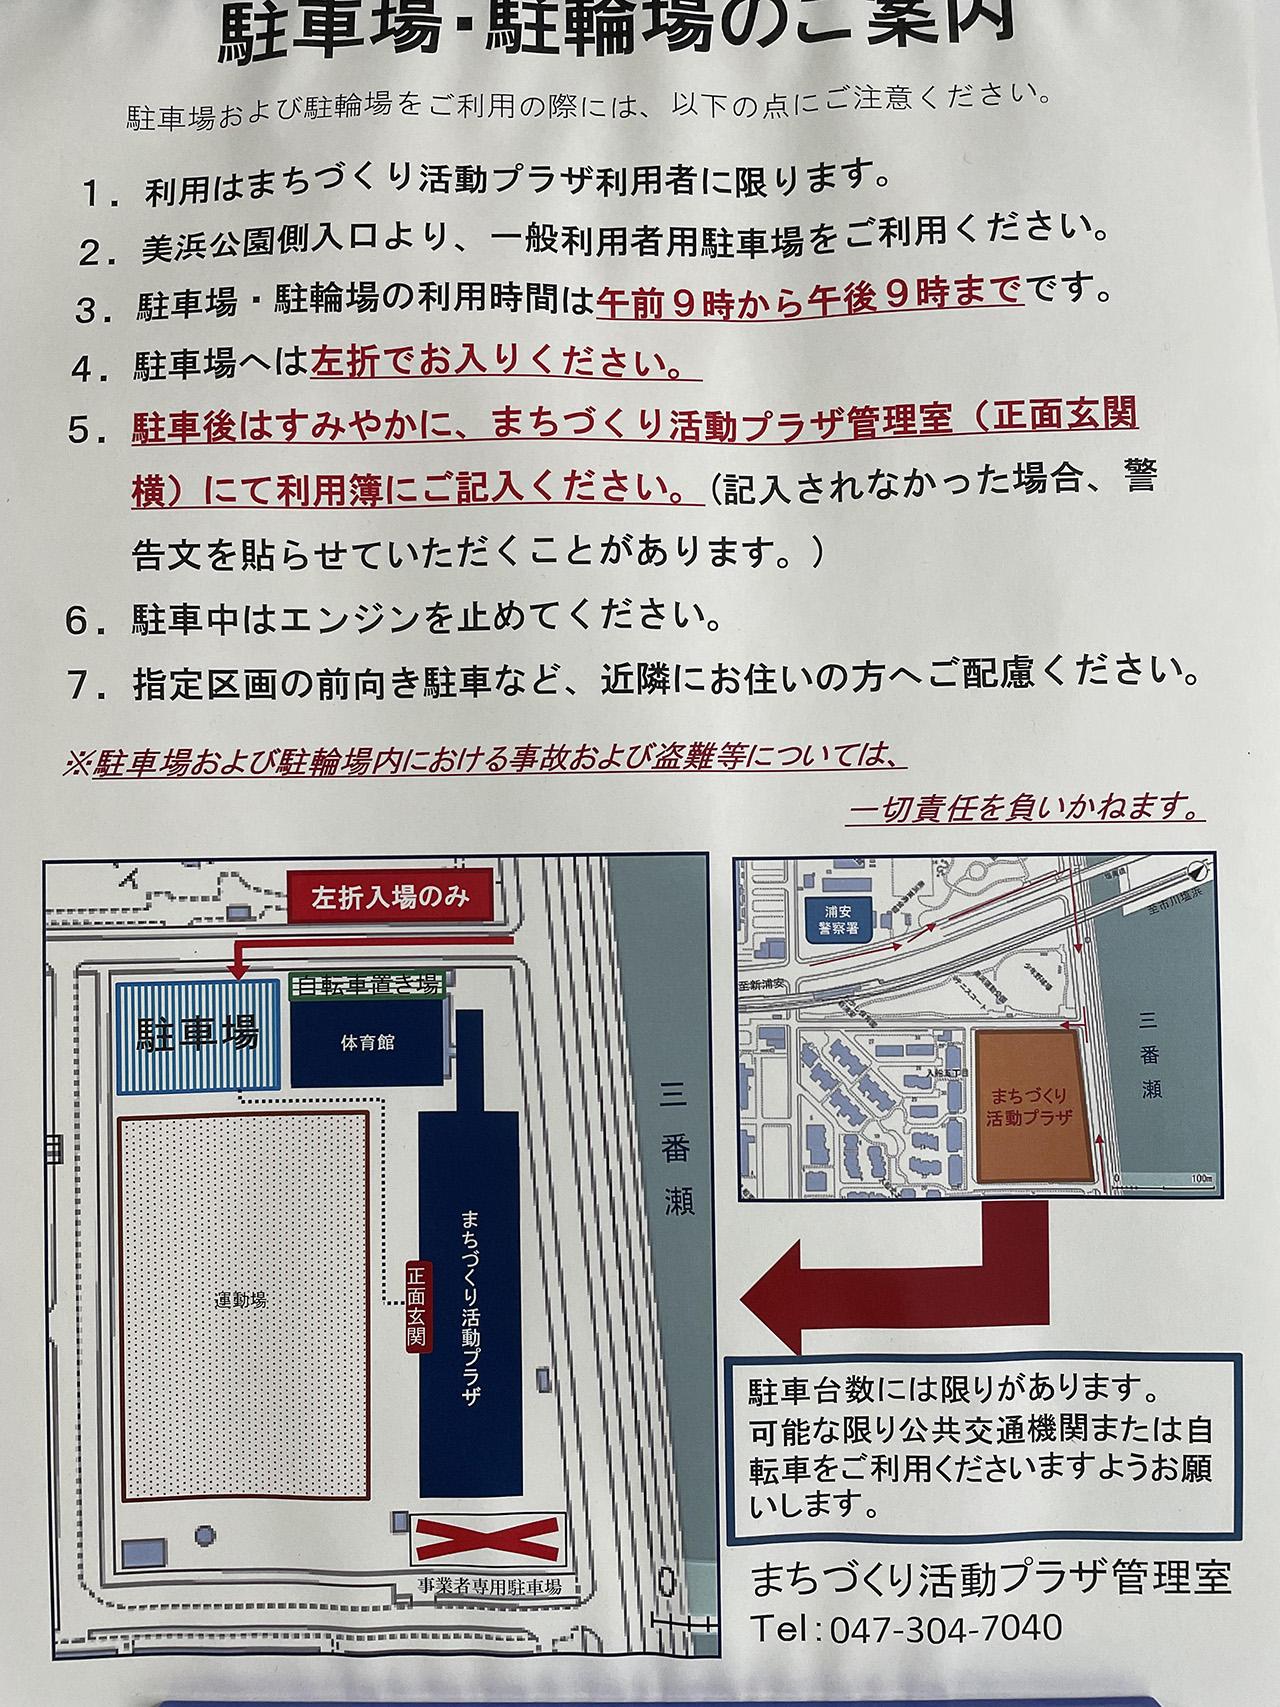 駐車場・駐輪場利用手続き用紙の写真